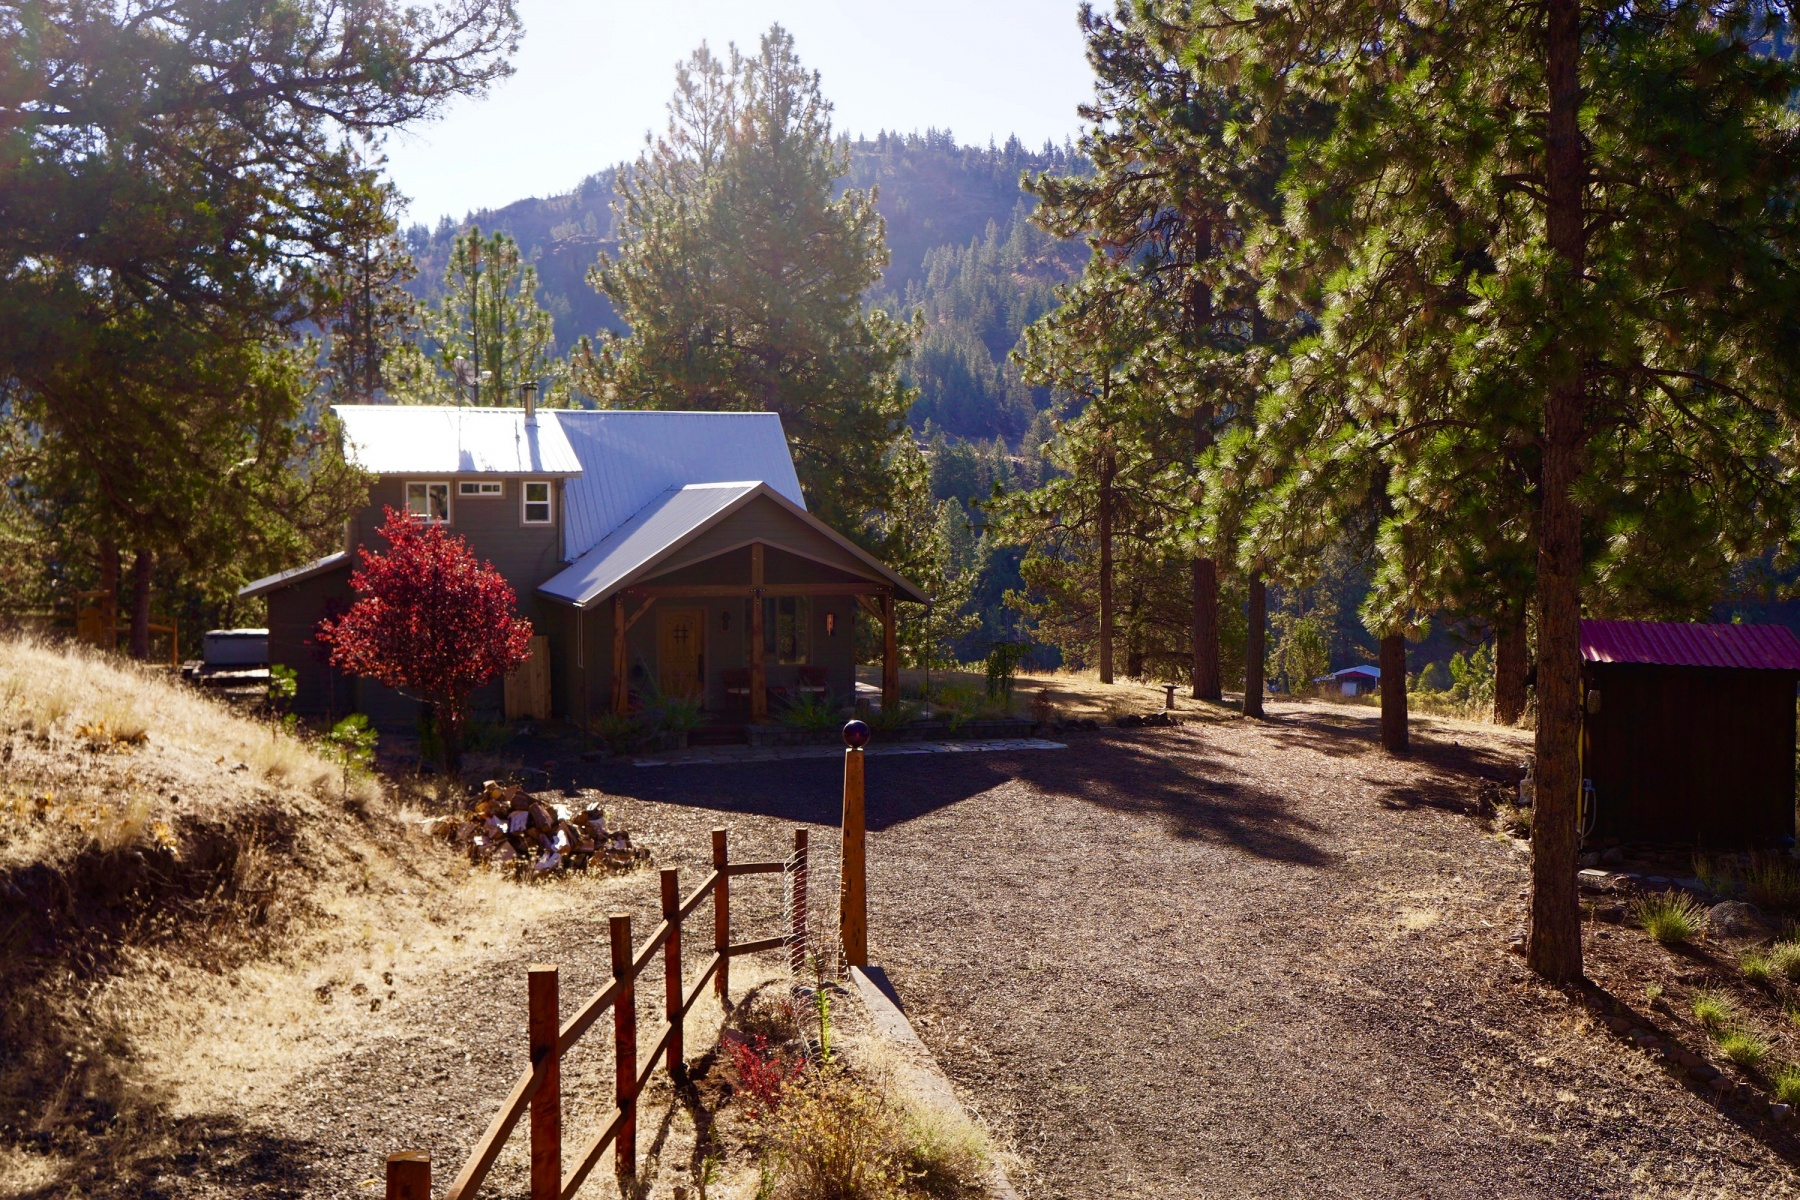 Maison unifamiliale pour l Vente à 5191 NE McKay Creek Road, PRINEVILLE 5191 NE McKay Creek Rd Prineville, Oregon, 97754 États-Unis